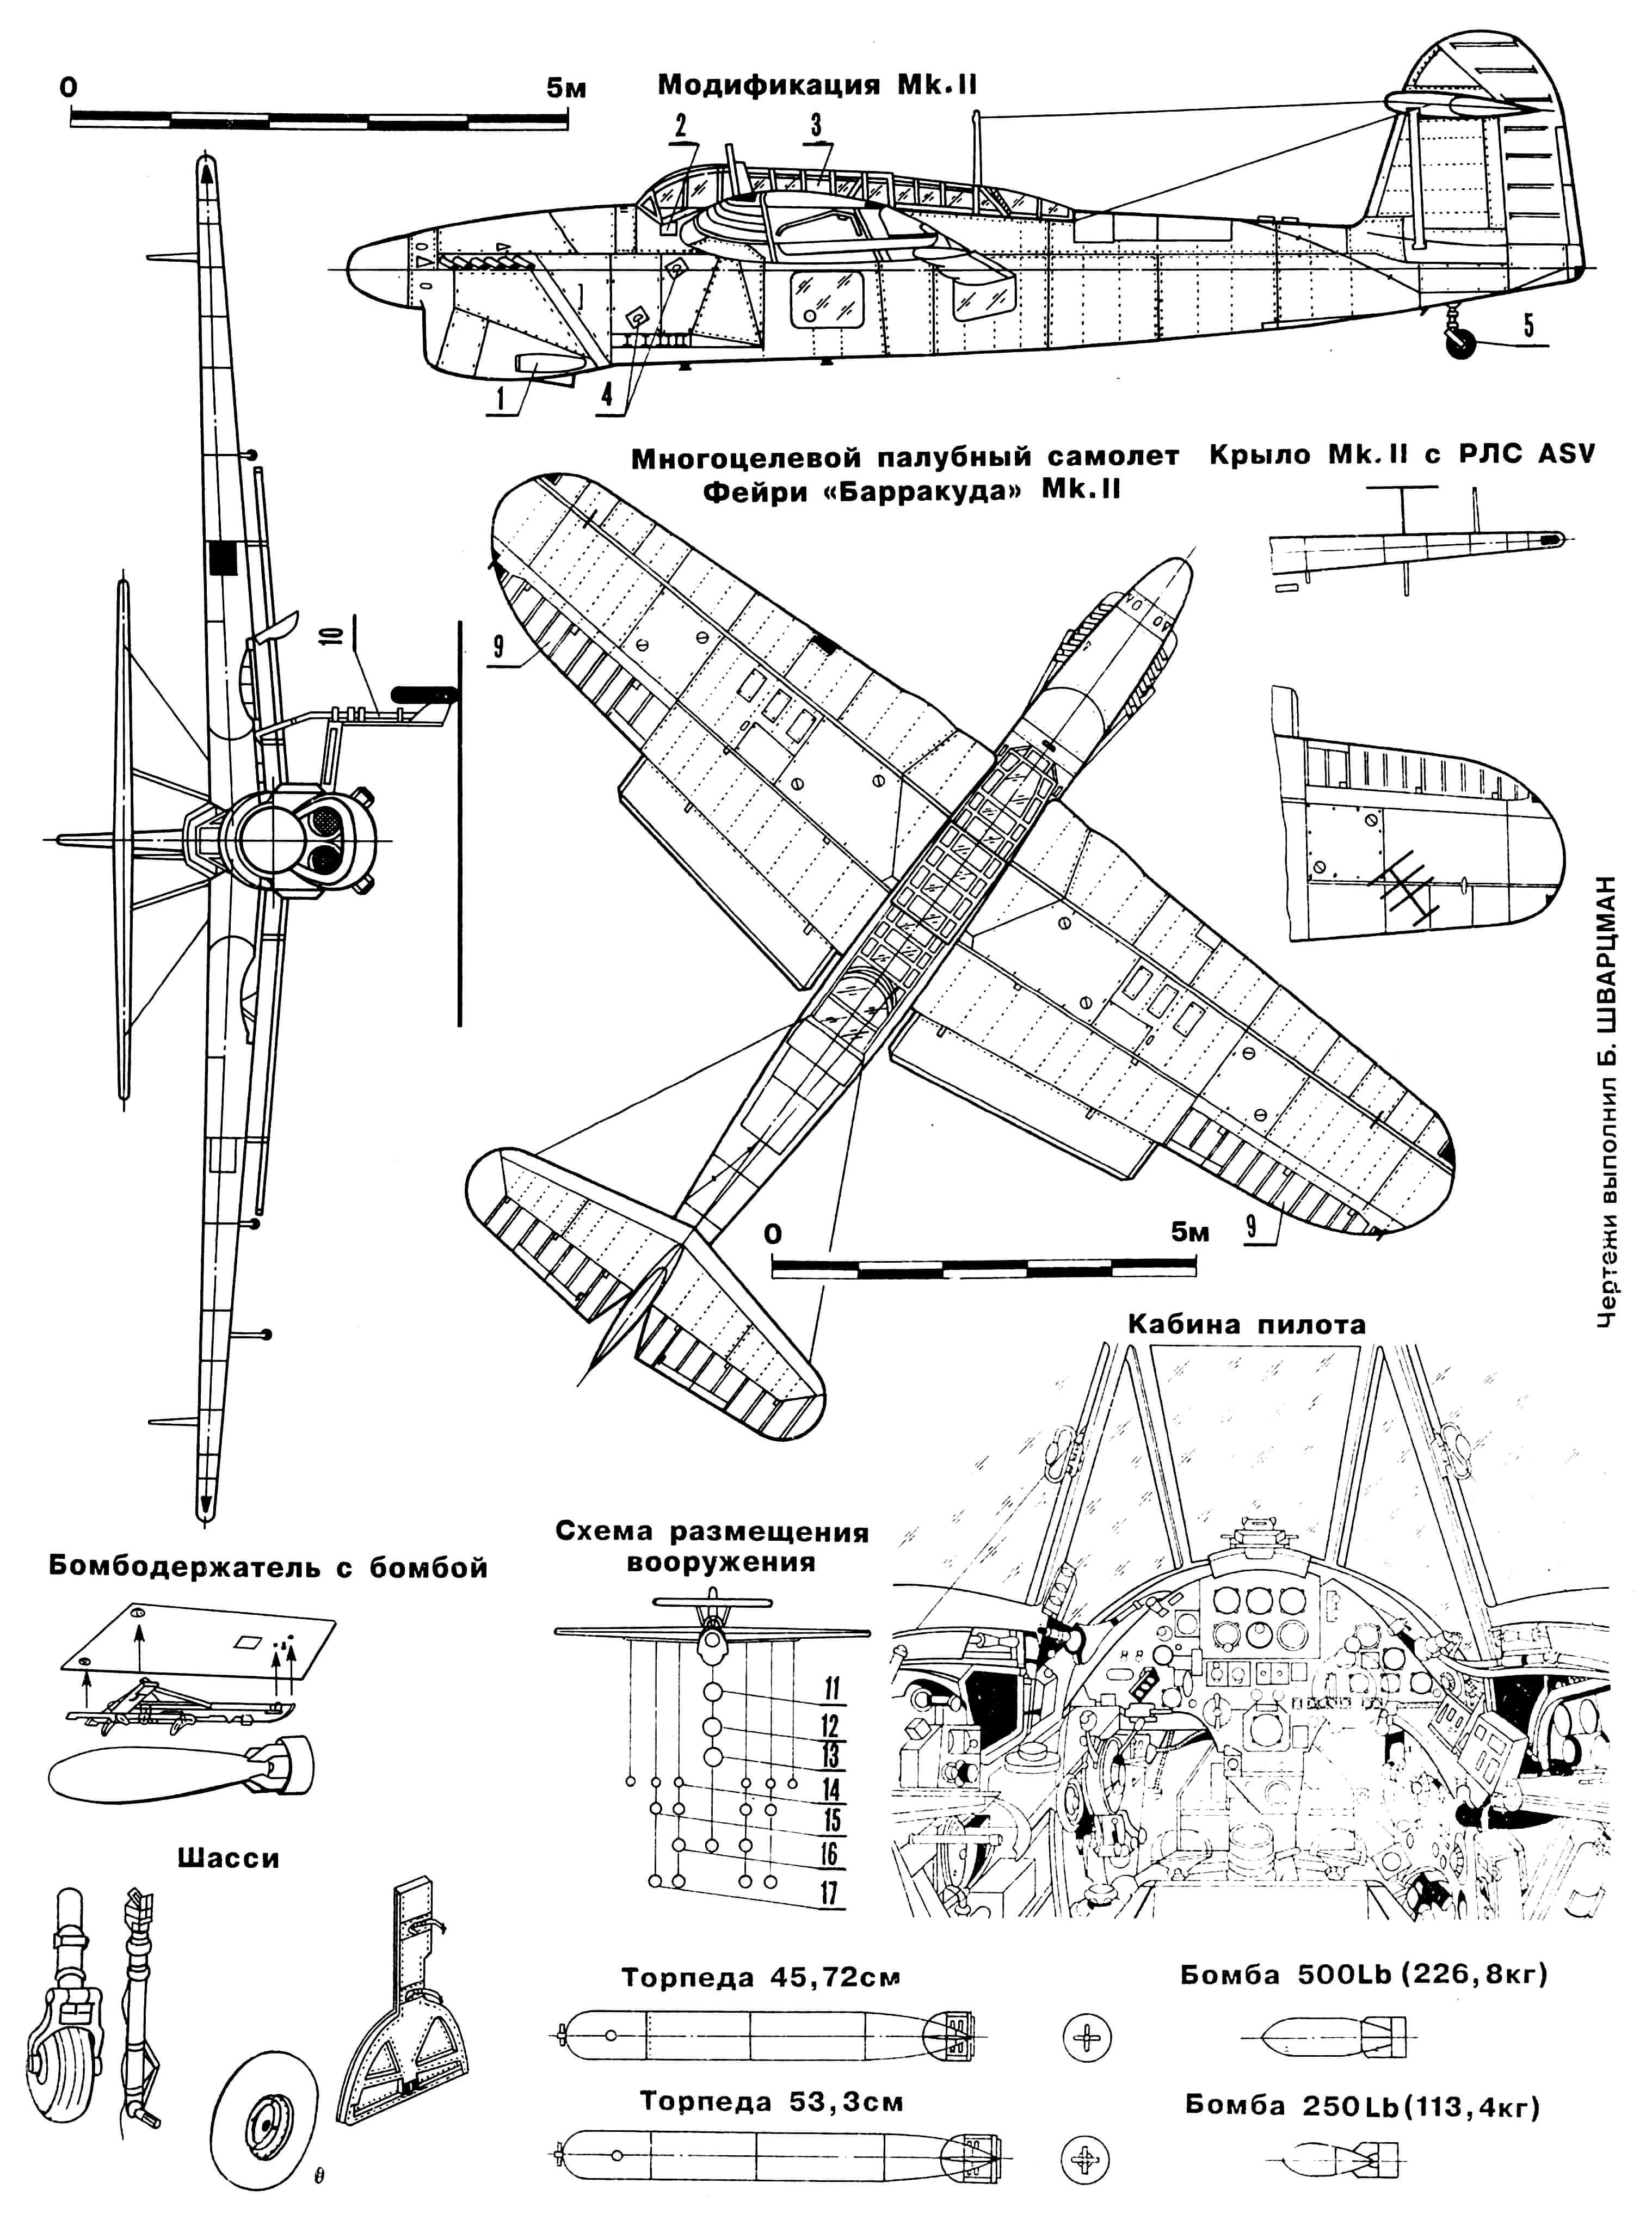 Многоцелевой палубный самолет Фэйри «Барракуда» Mk.II: 1— воздухозаборник маслорадиатора, 2 — смотровое окно, 3 — сдвижное остекление кабины, 4 — ступеньки, 5 — хвостовая стойка, 6 — приемник воздушного давления, 7 — гак, 8 — закрылки — тормозные щитки, 9 — элероны, 10 — стойка шасси, 11—подвесной топливный бак, 12 — торпеда 45,72 см, 13 — торпеда 53,3 см, 14 — бомба 250 Lb (113,4 кг), 15 — бомба 285 Lb (129 кг), 16 — бомба 500 Lb (226,8 кг), 17 — бомба 450 Lb (204 кг).